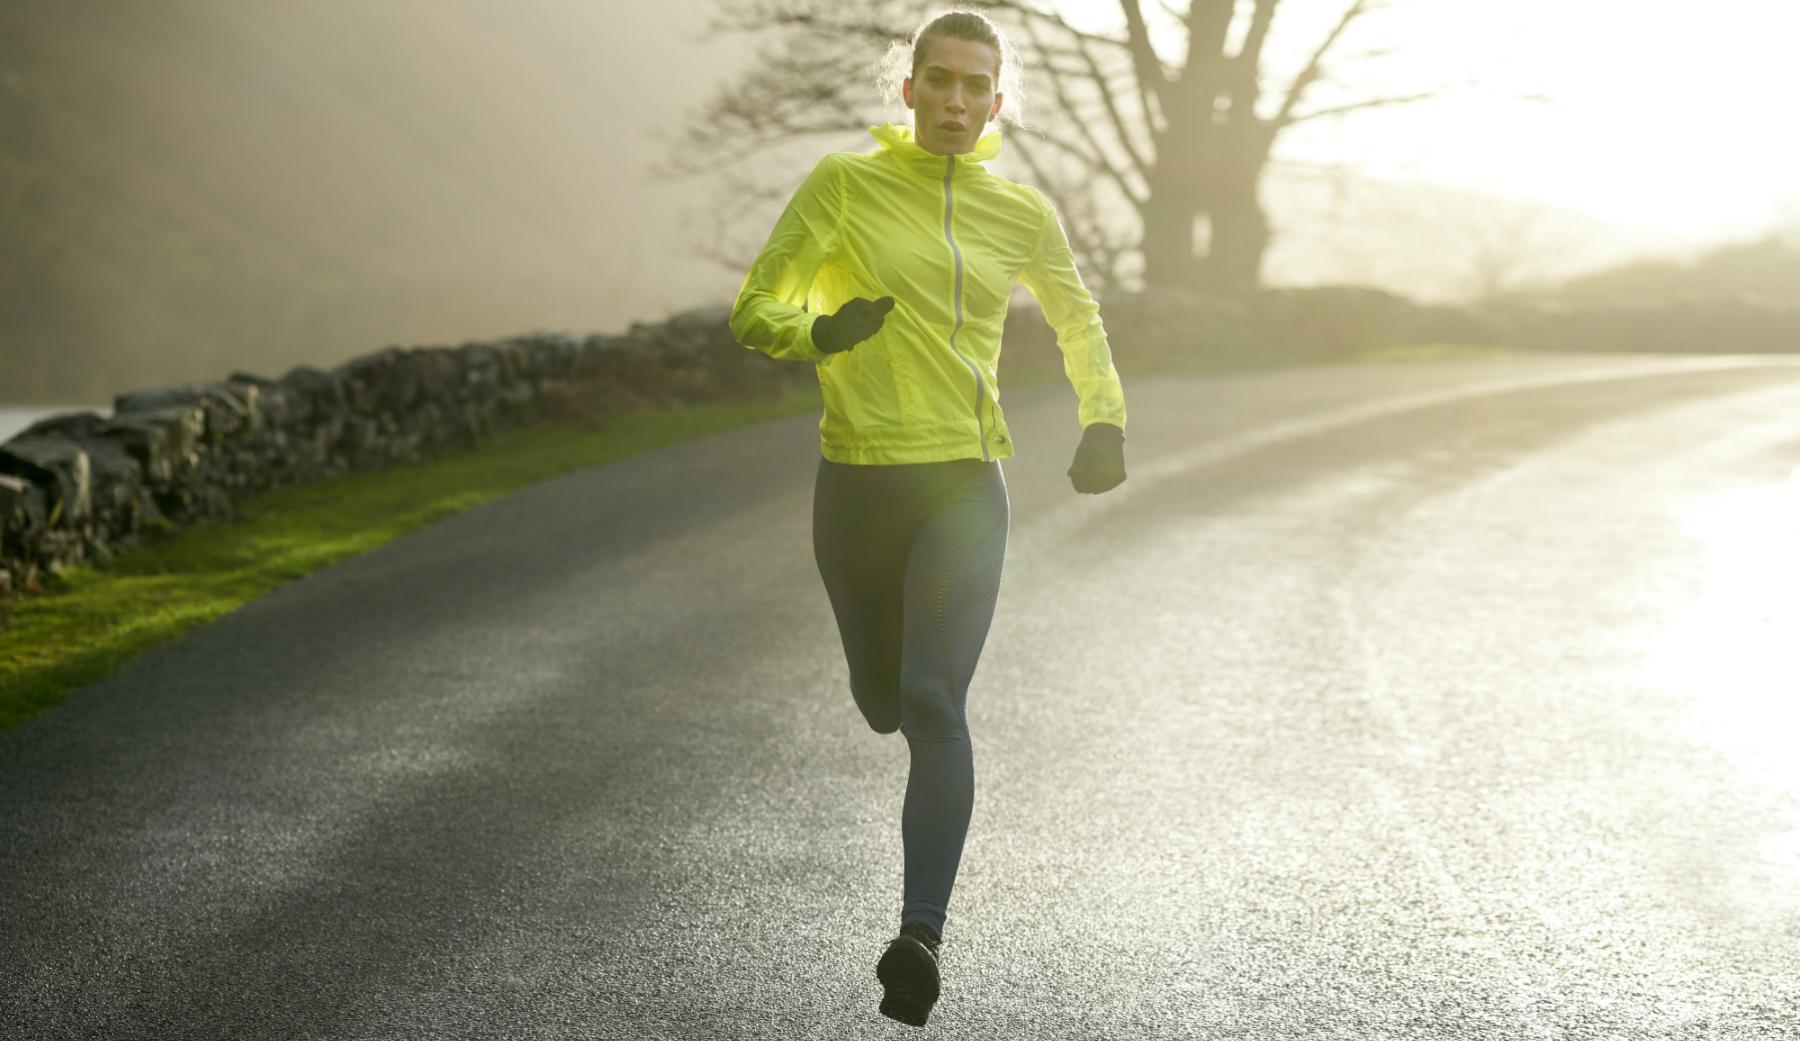 Sådan kan du øge dit løbetempo og forbedre din sluttid